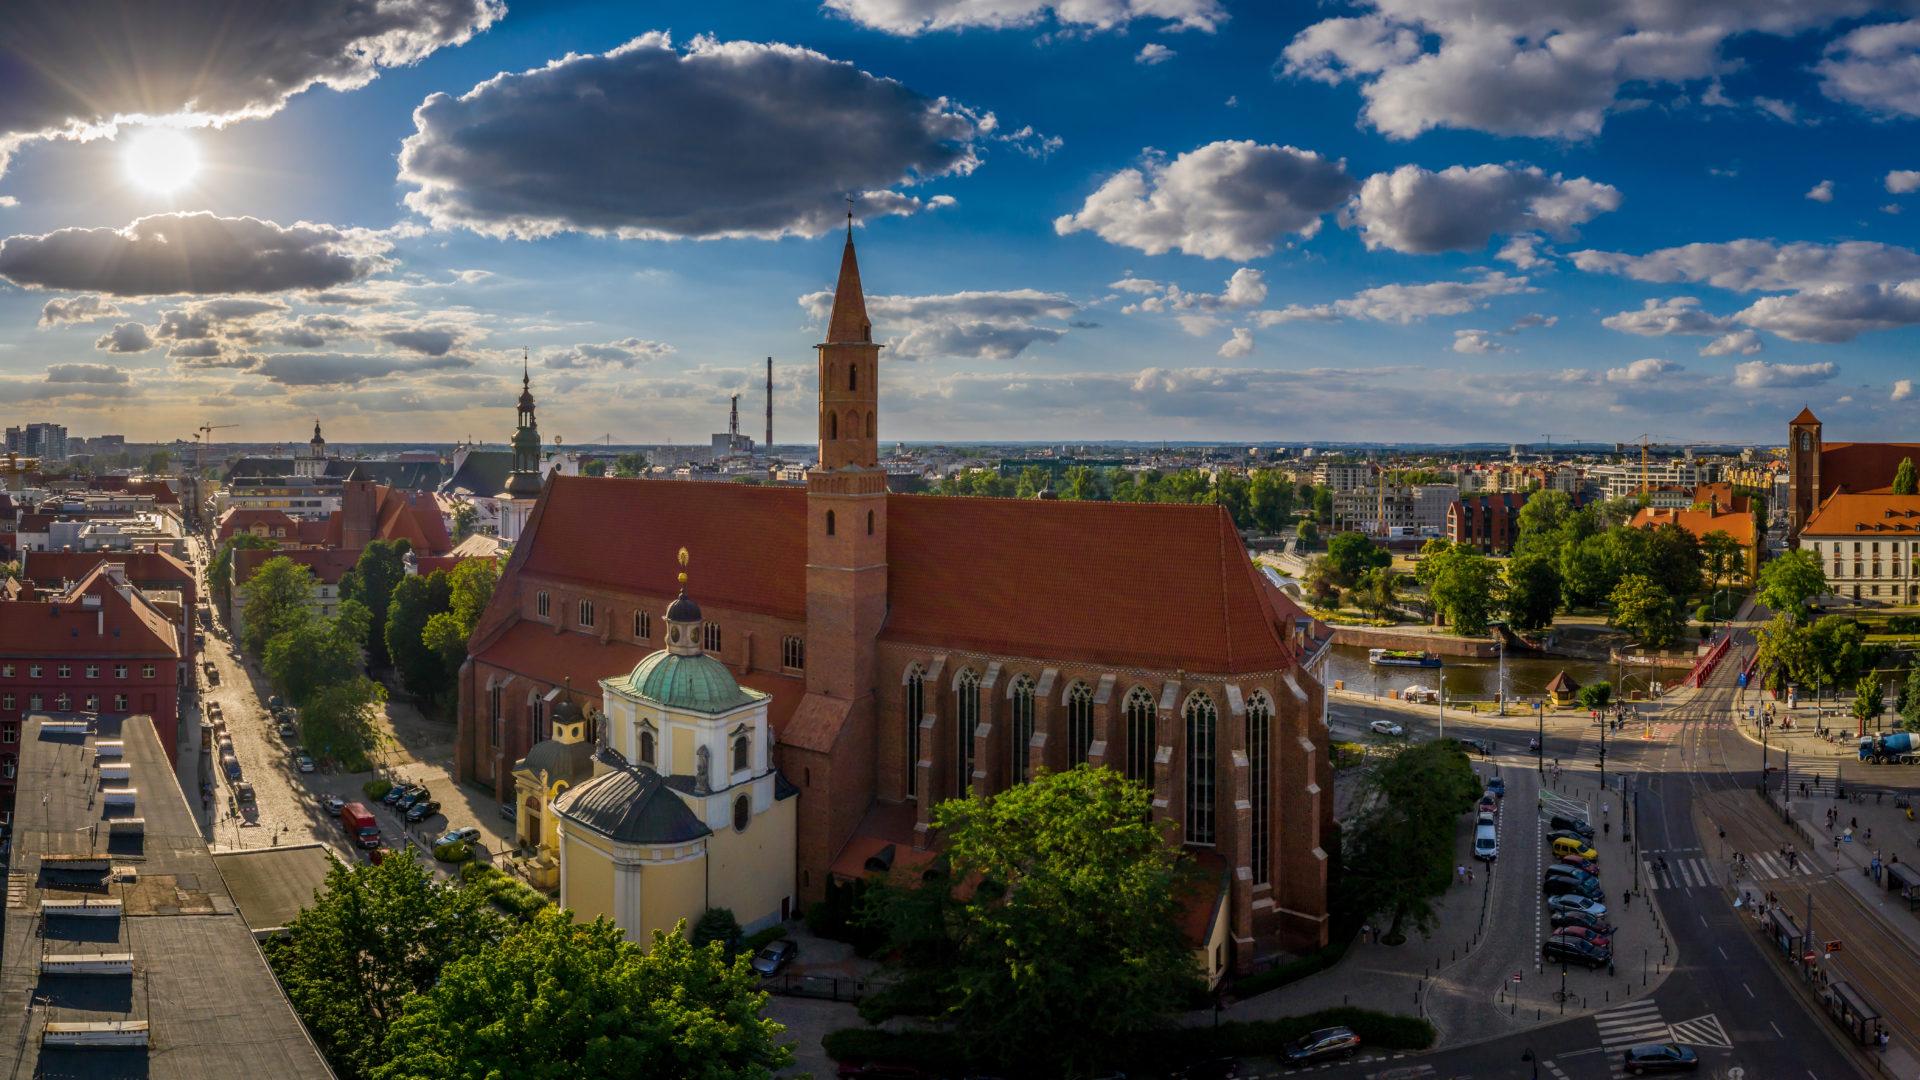 Молитва в наміренні призупинення епідемії коронавіруса у Вроцлавському Соборі